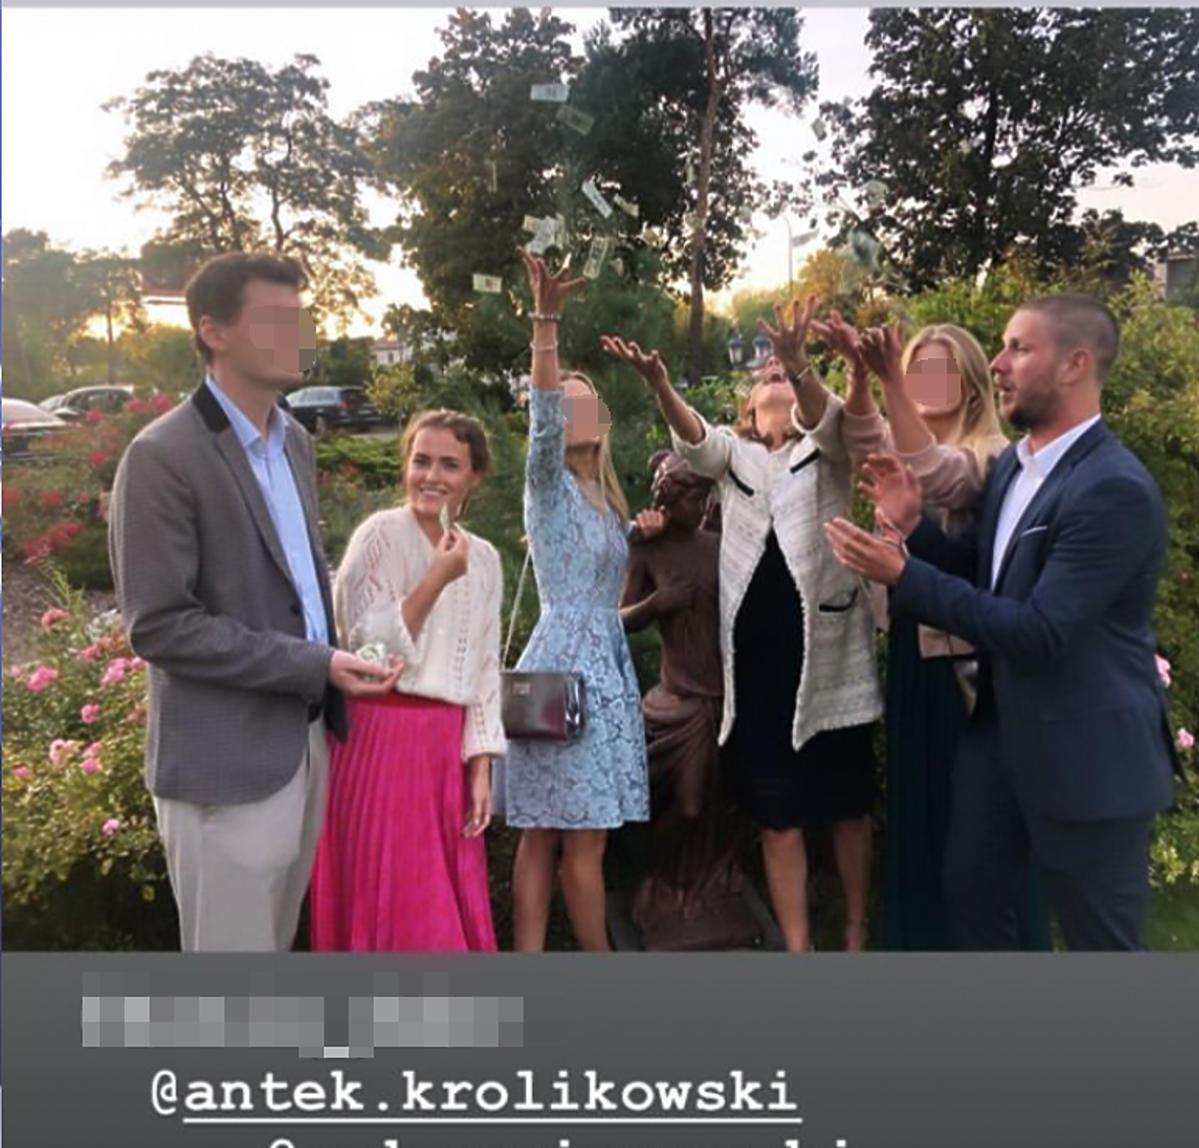 Olga Frycz i Antek Królikowski na weselu Sylwii Juszczak i Mikołaja Krawczyka